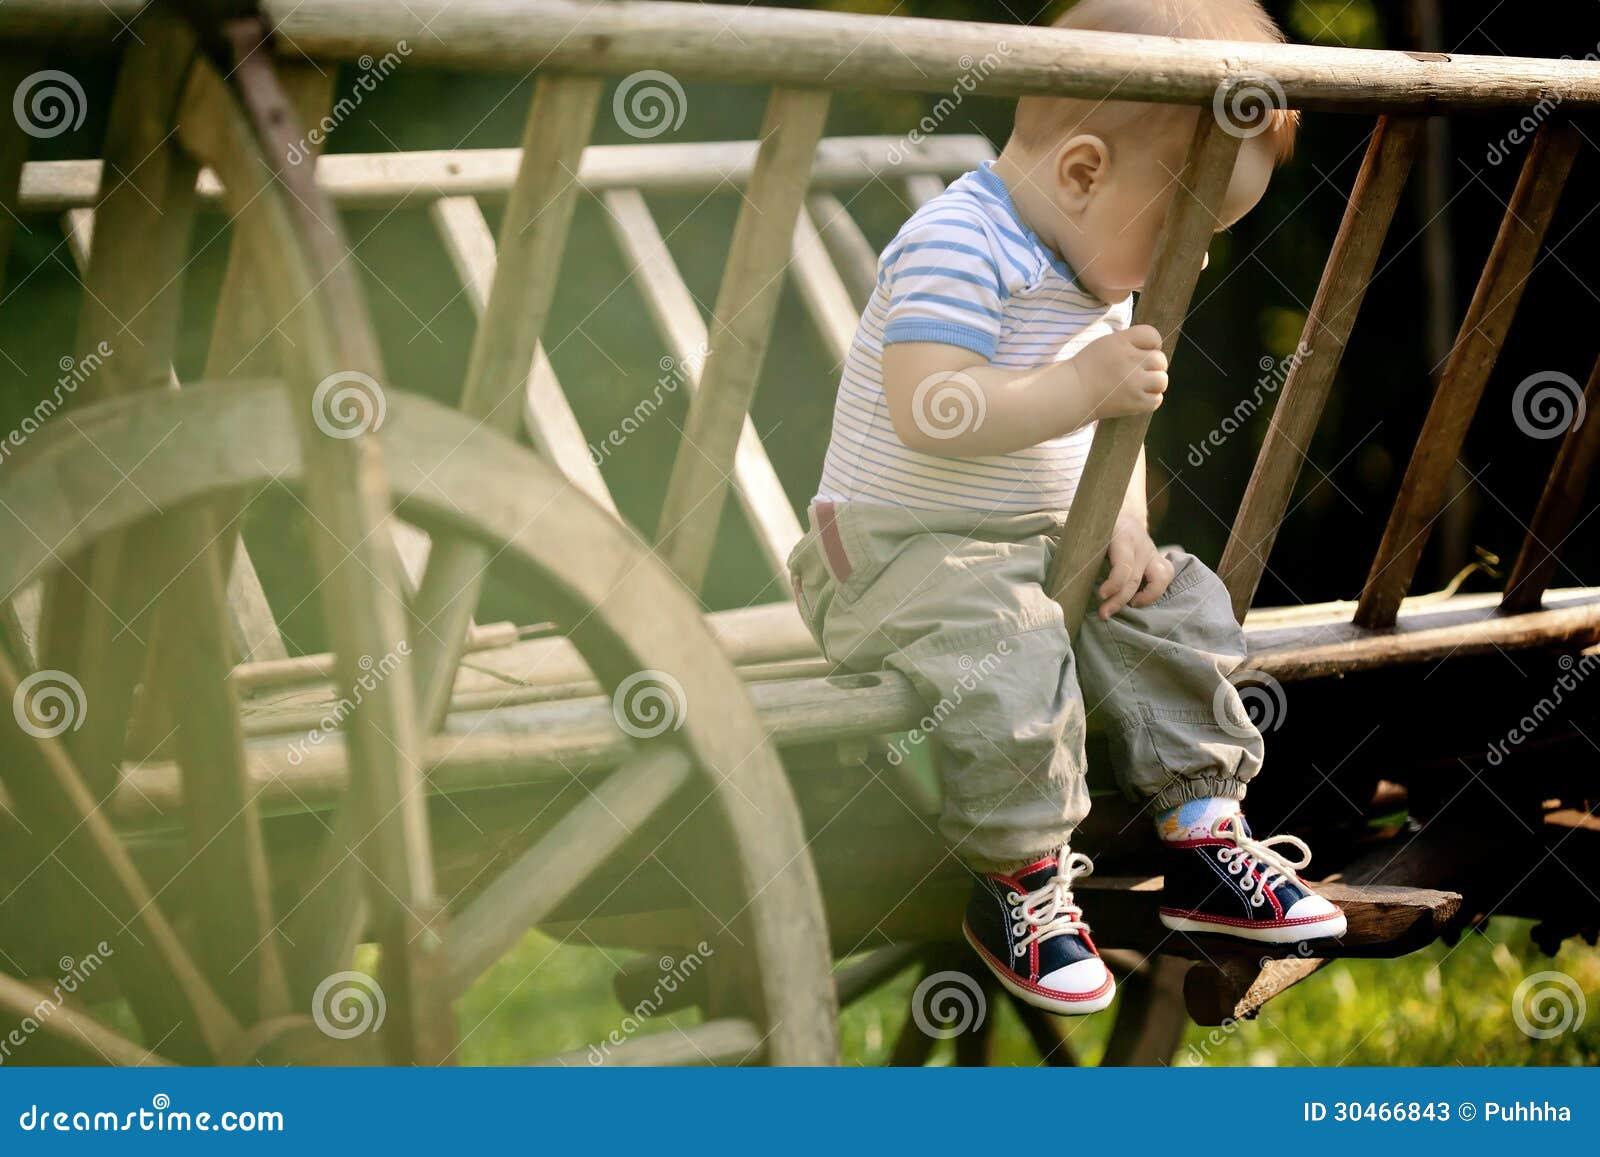 Baby-Porträt.  Trauriger Junge auf dem Naturhintergrund